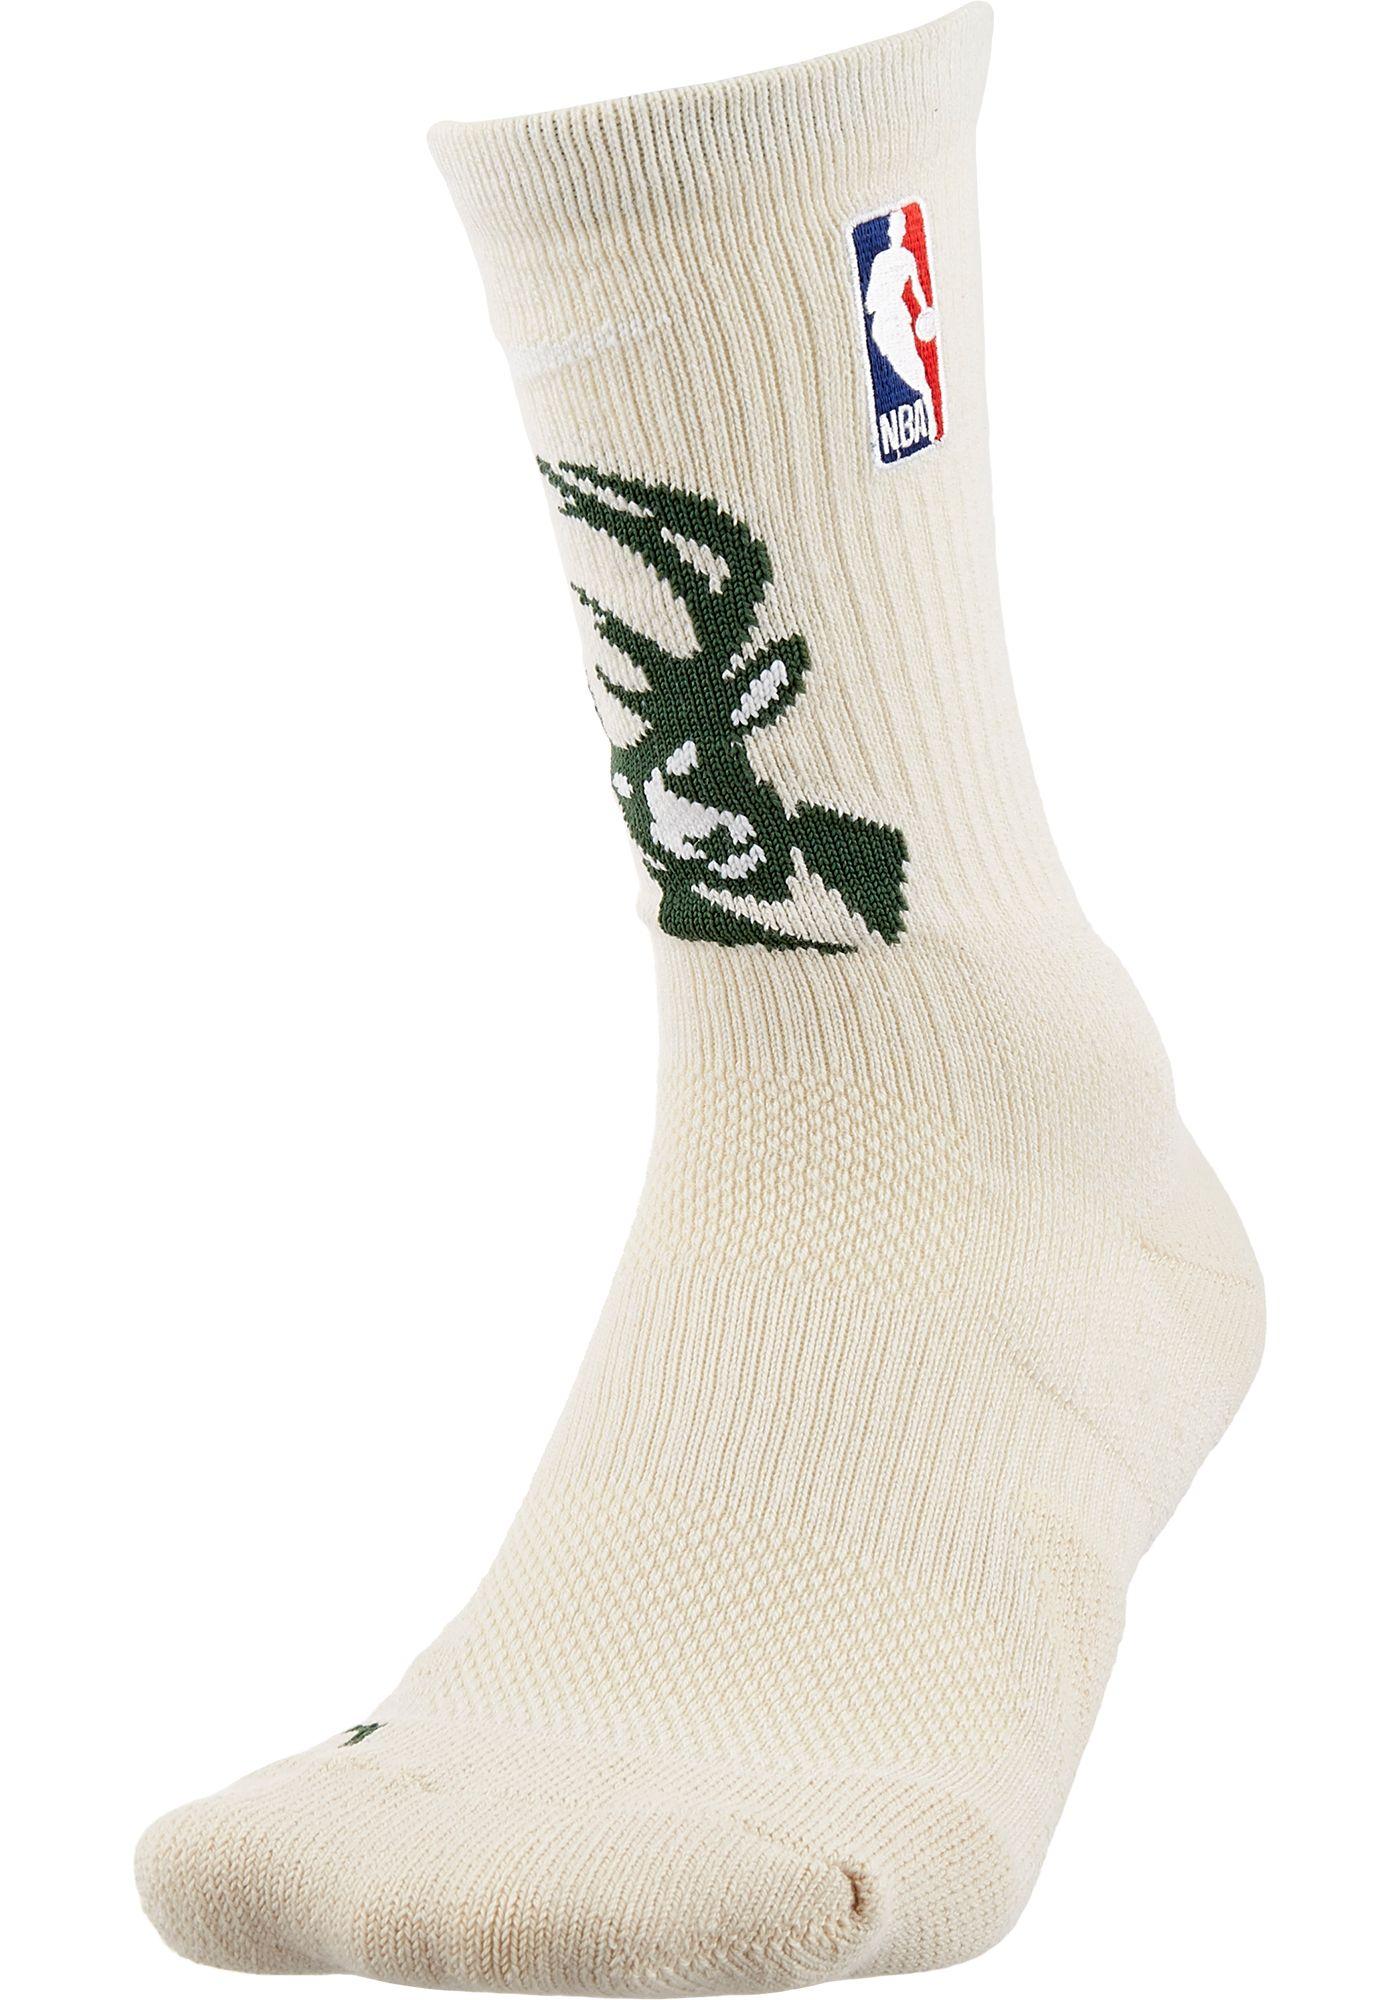 Nike Milwaukee Bucks Elite Crew Socks